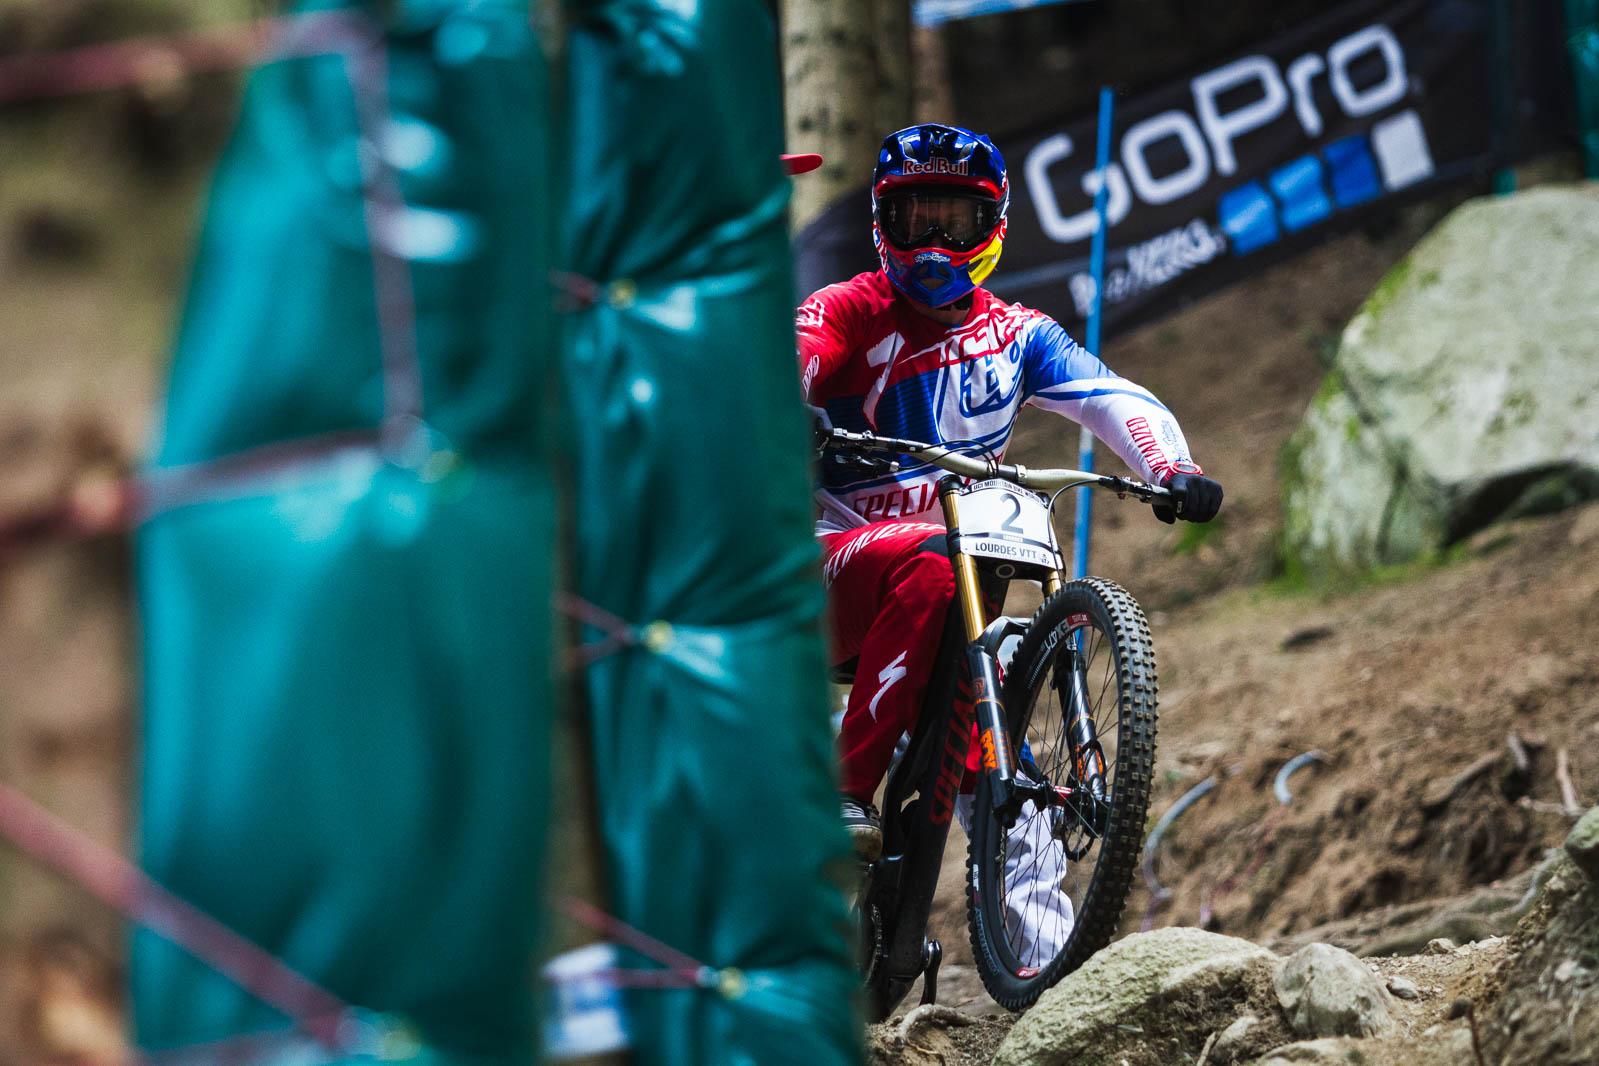 Aaron Gwin, reconociendo algunos tramos del circuito y viendo como los demás riders descienden sobre las piedras.